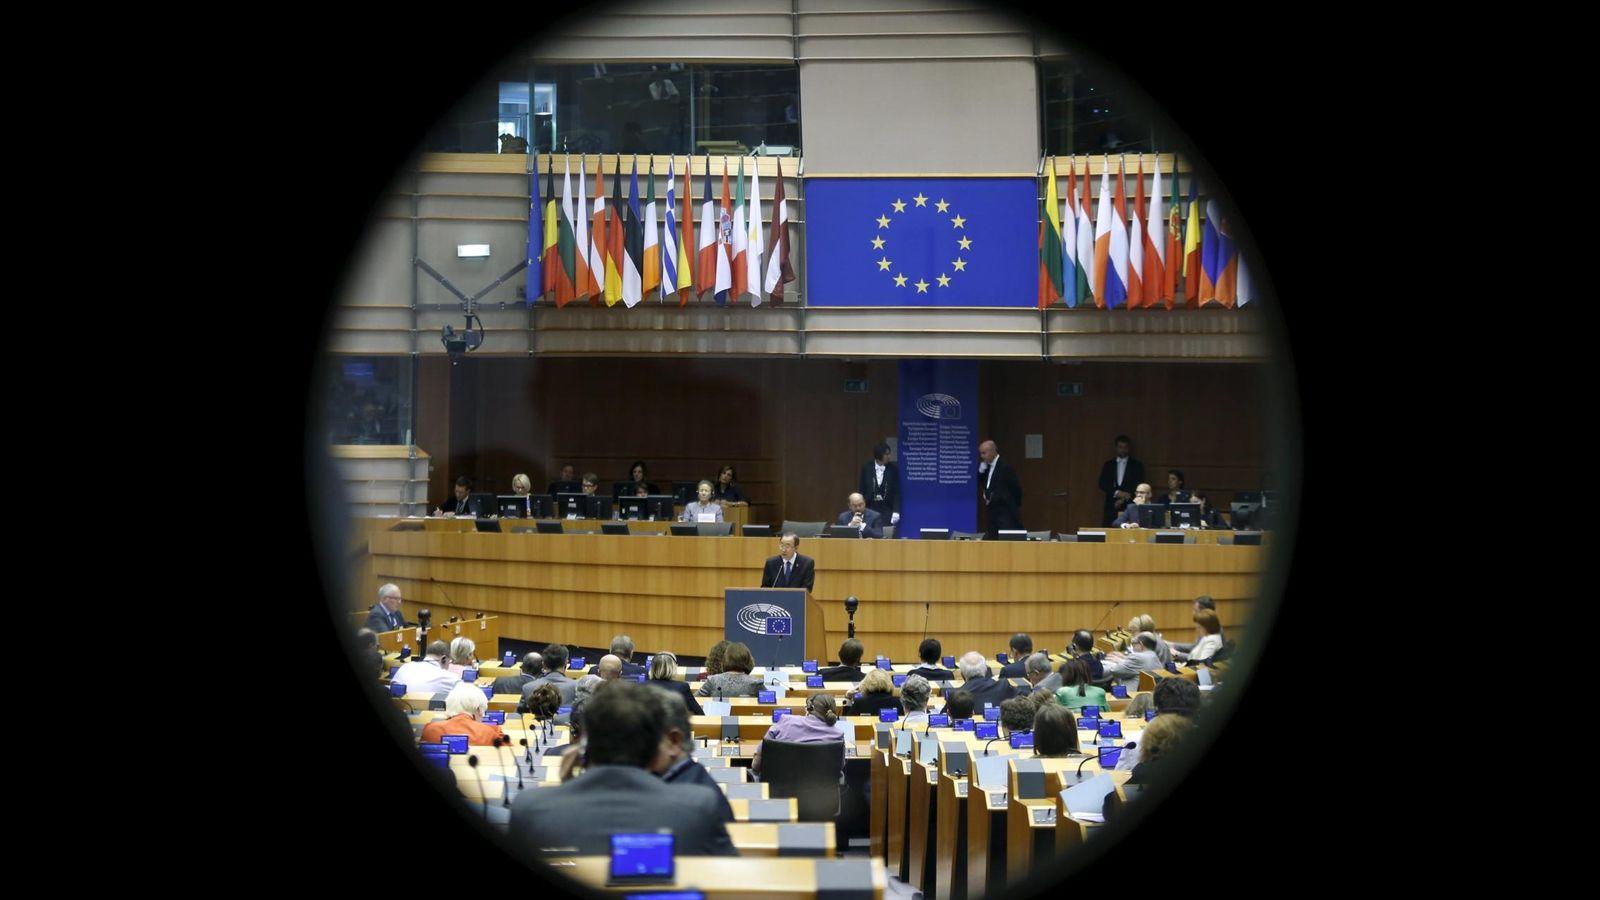 Foto: Imagen de una sesión plenaria en el Parlamento Europeo. (Reuters)